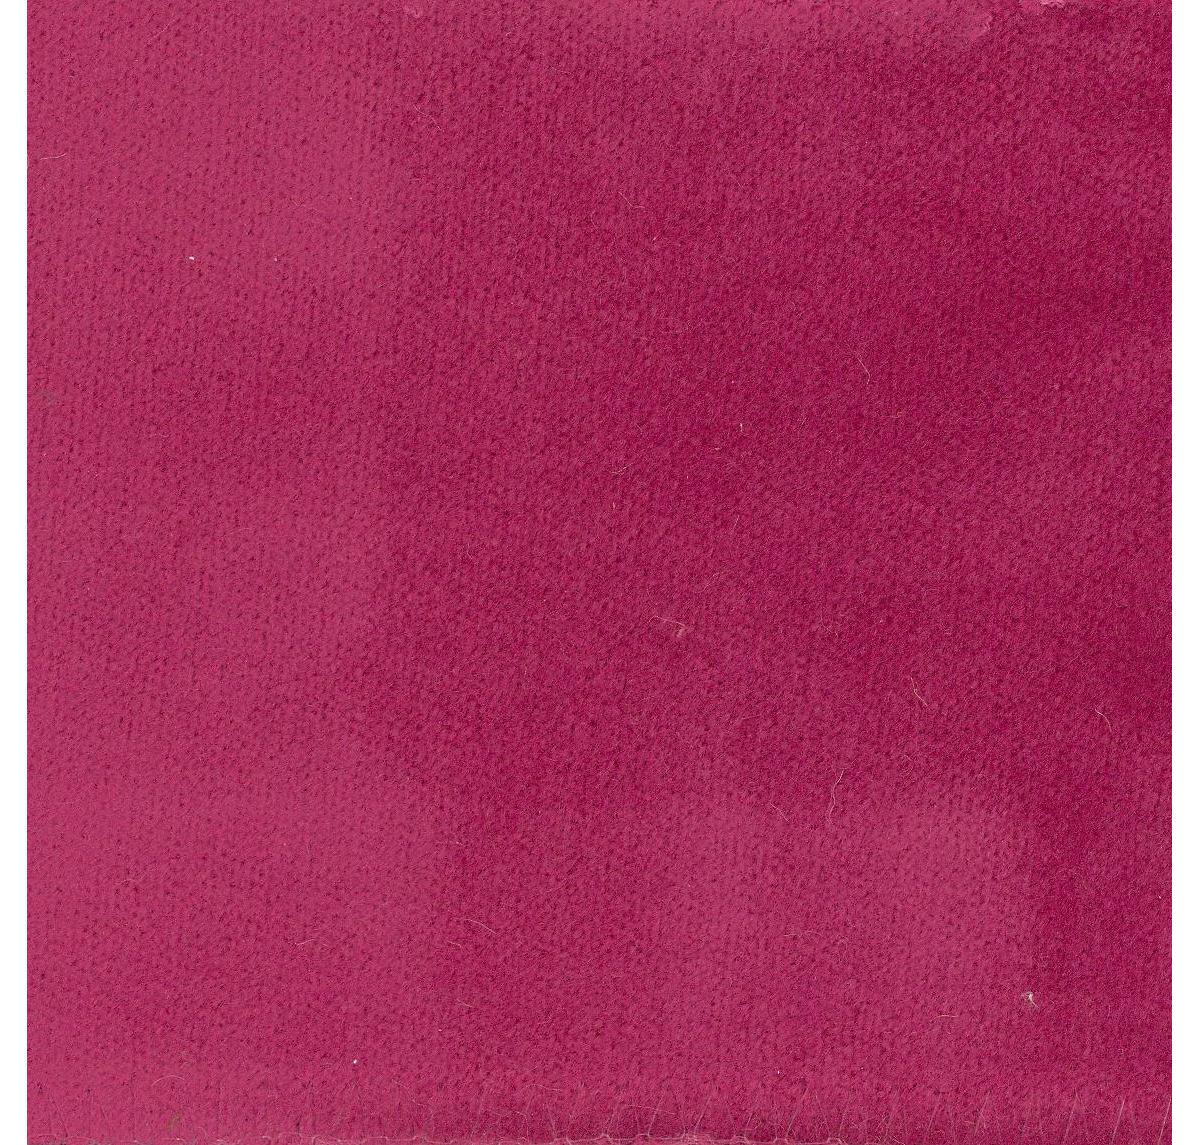 Velvesuede Magenta Fabric